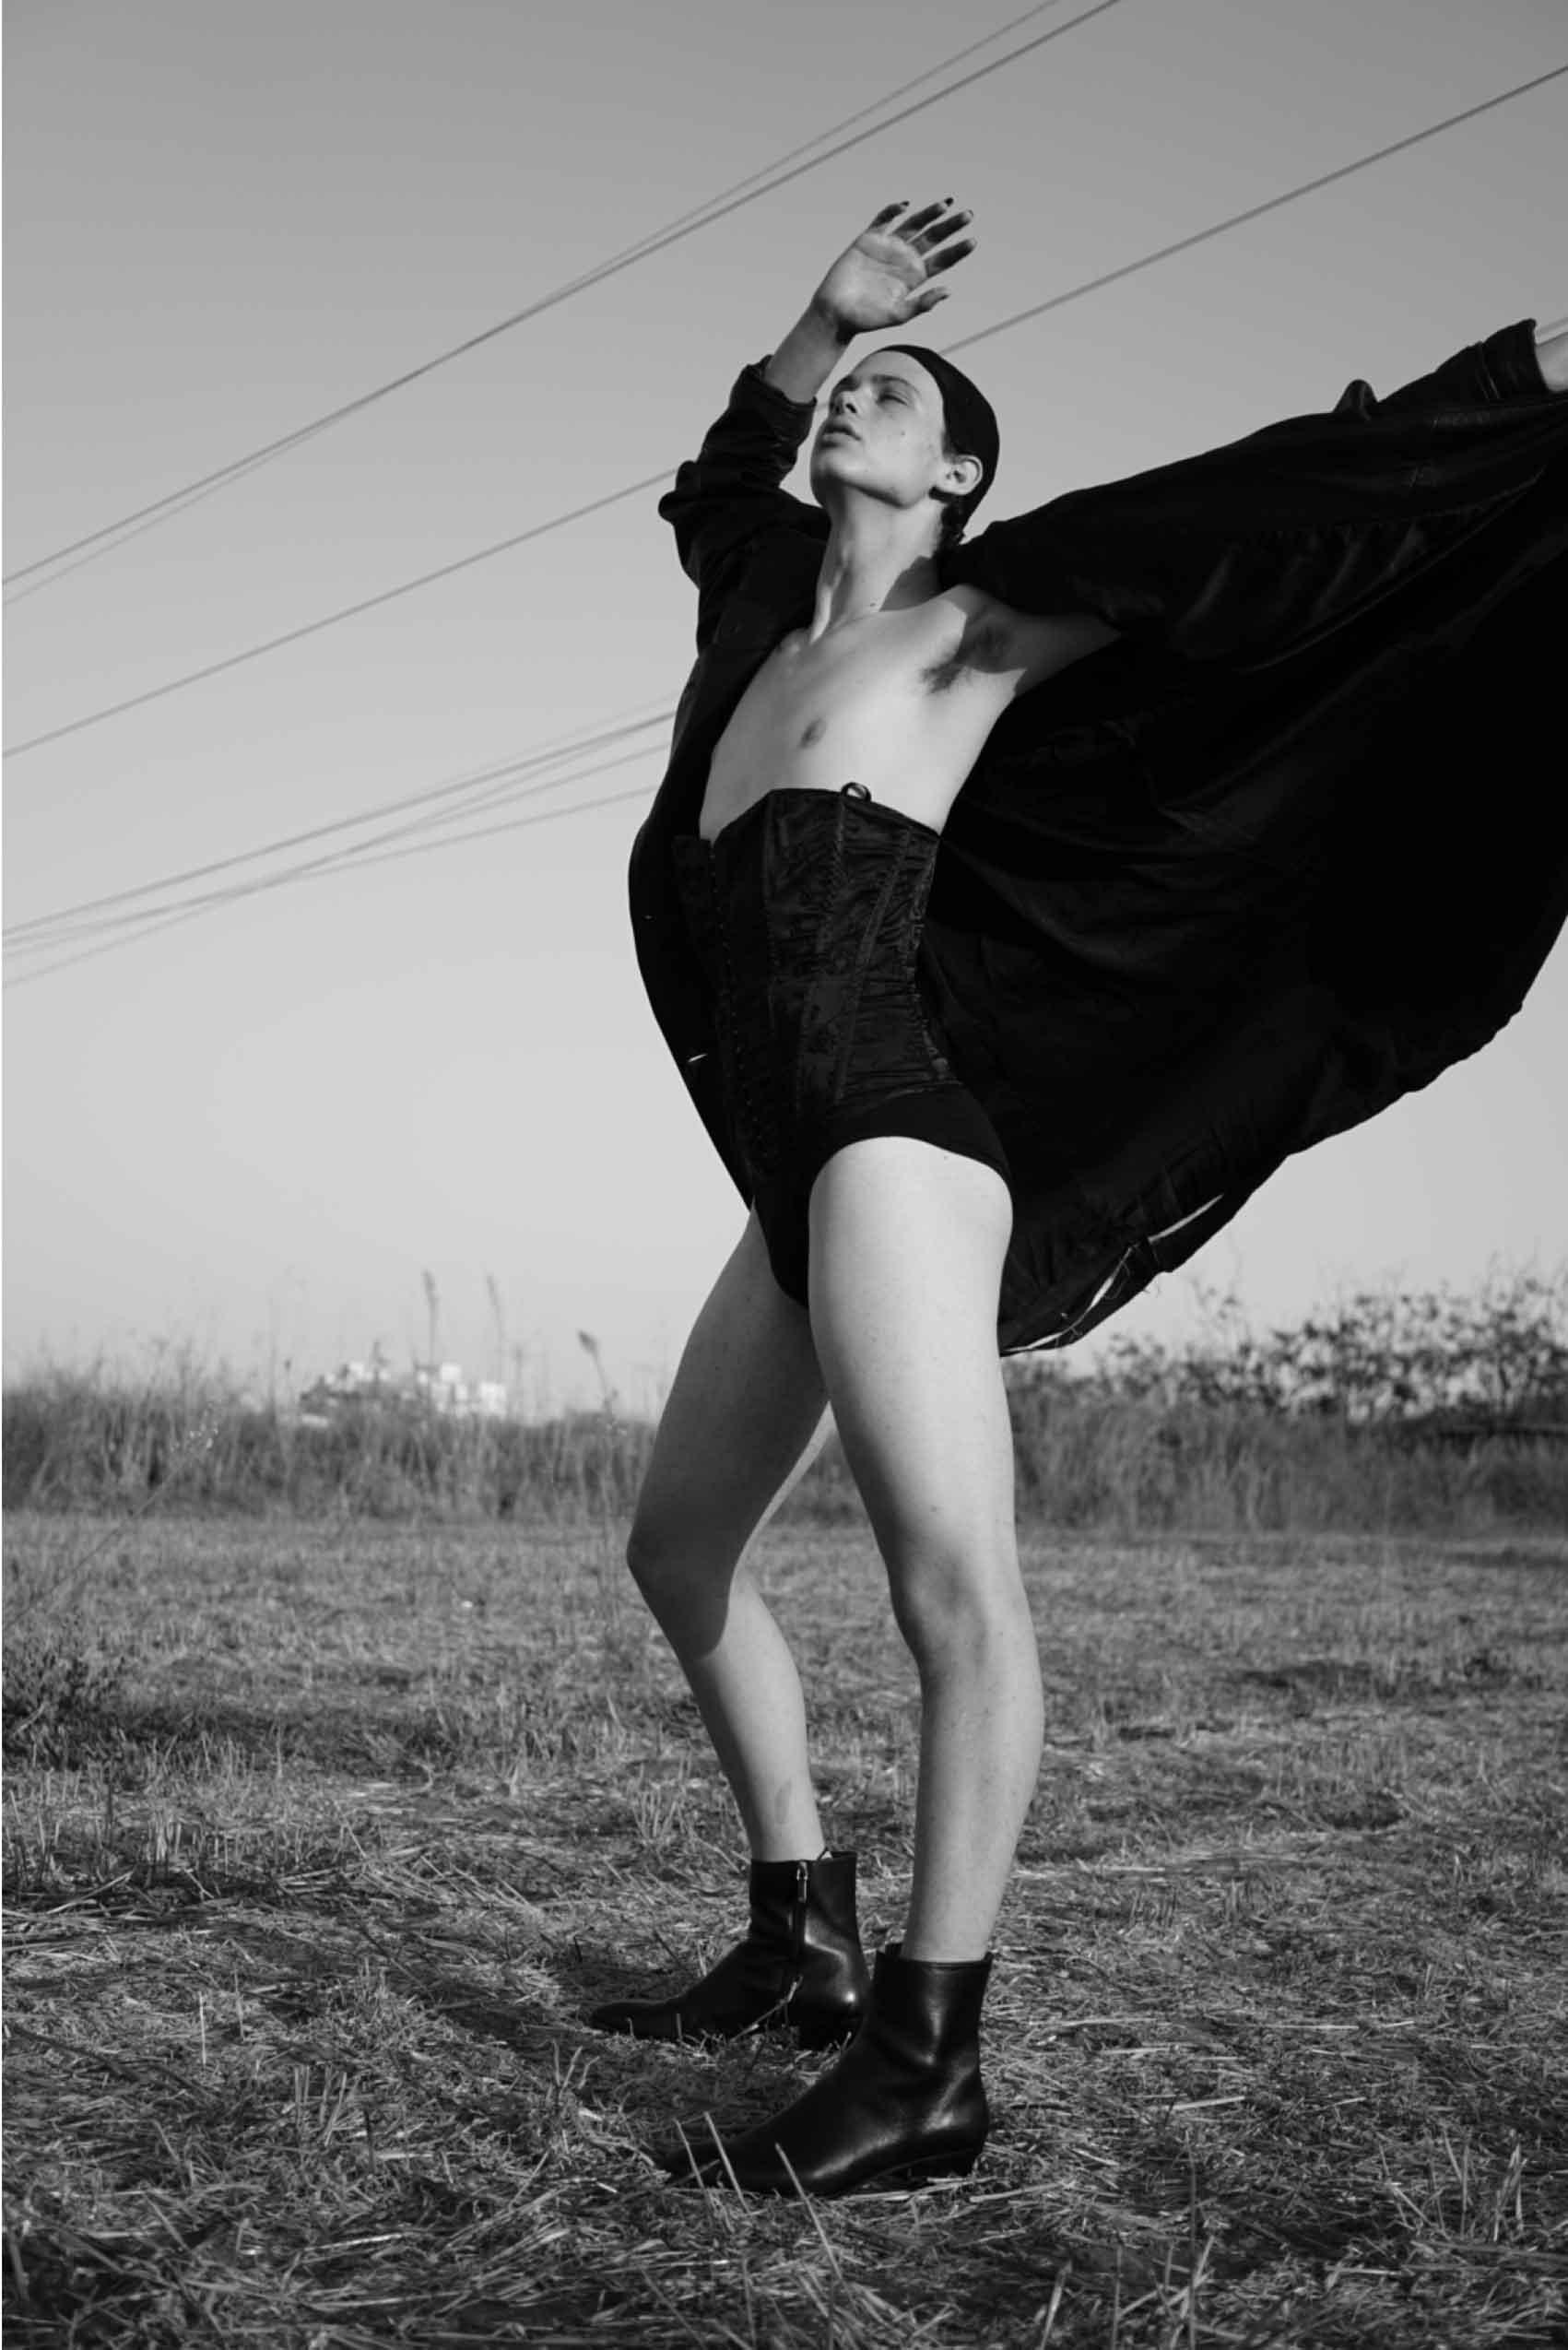 מגזין-אופנה-Boy-George-אופנה-Uri-Hashin-אופנת-גברים